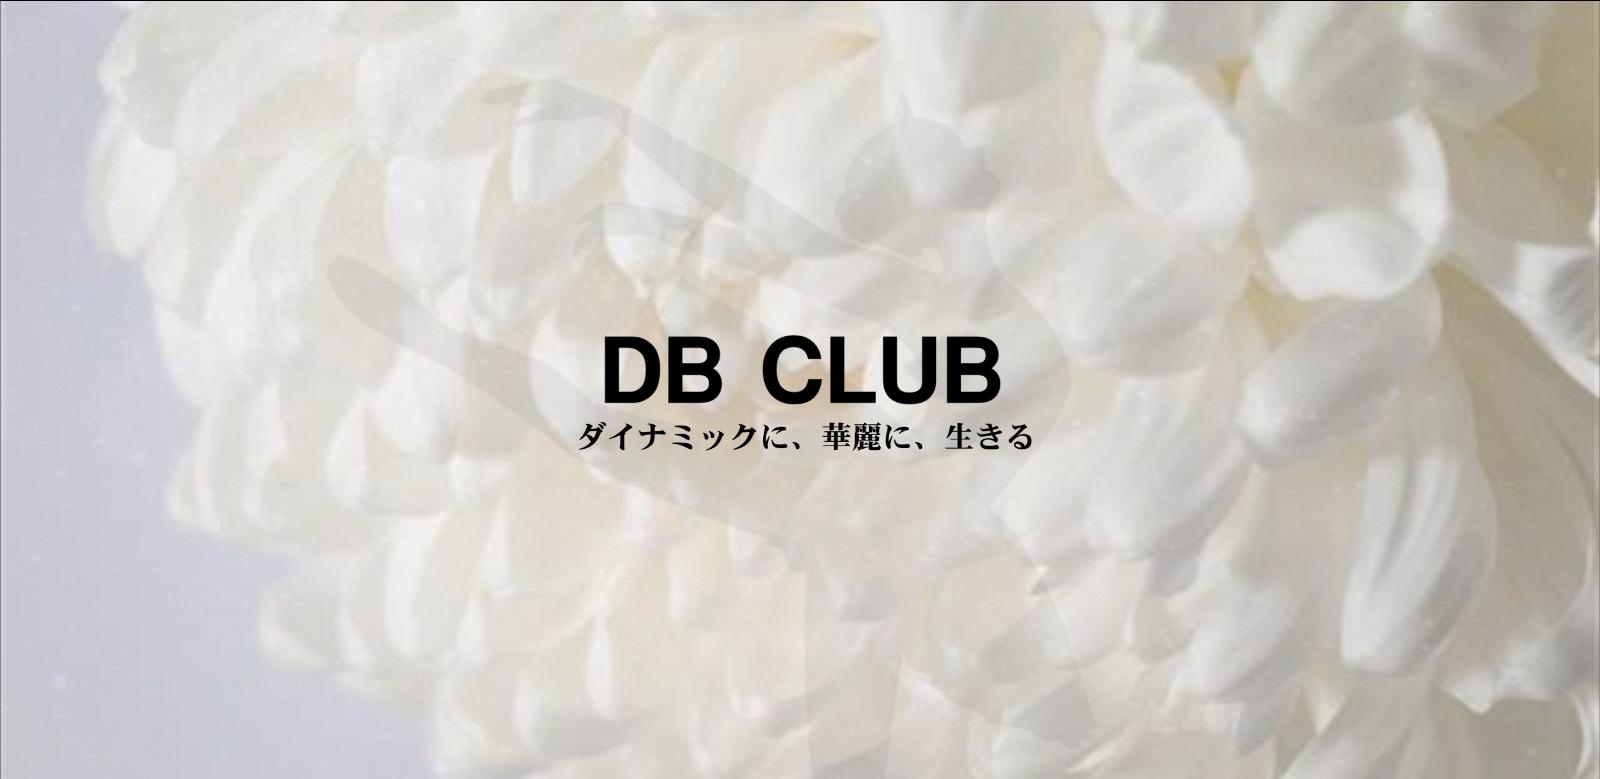 DBクラブ|ダイナミックビューティー吉永桃子